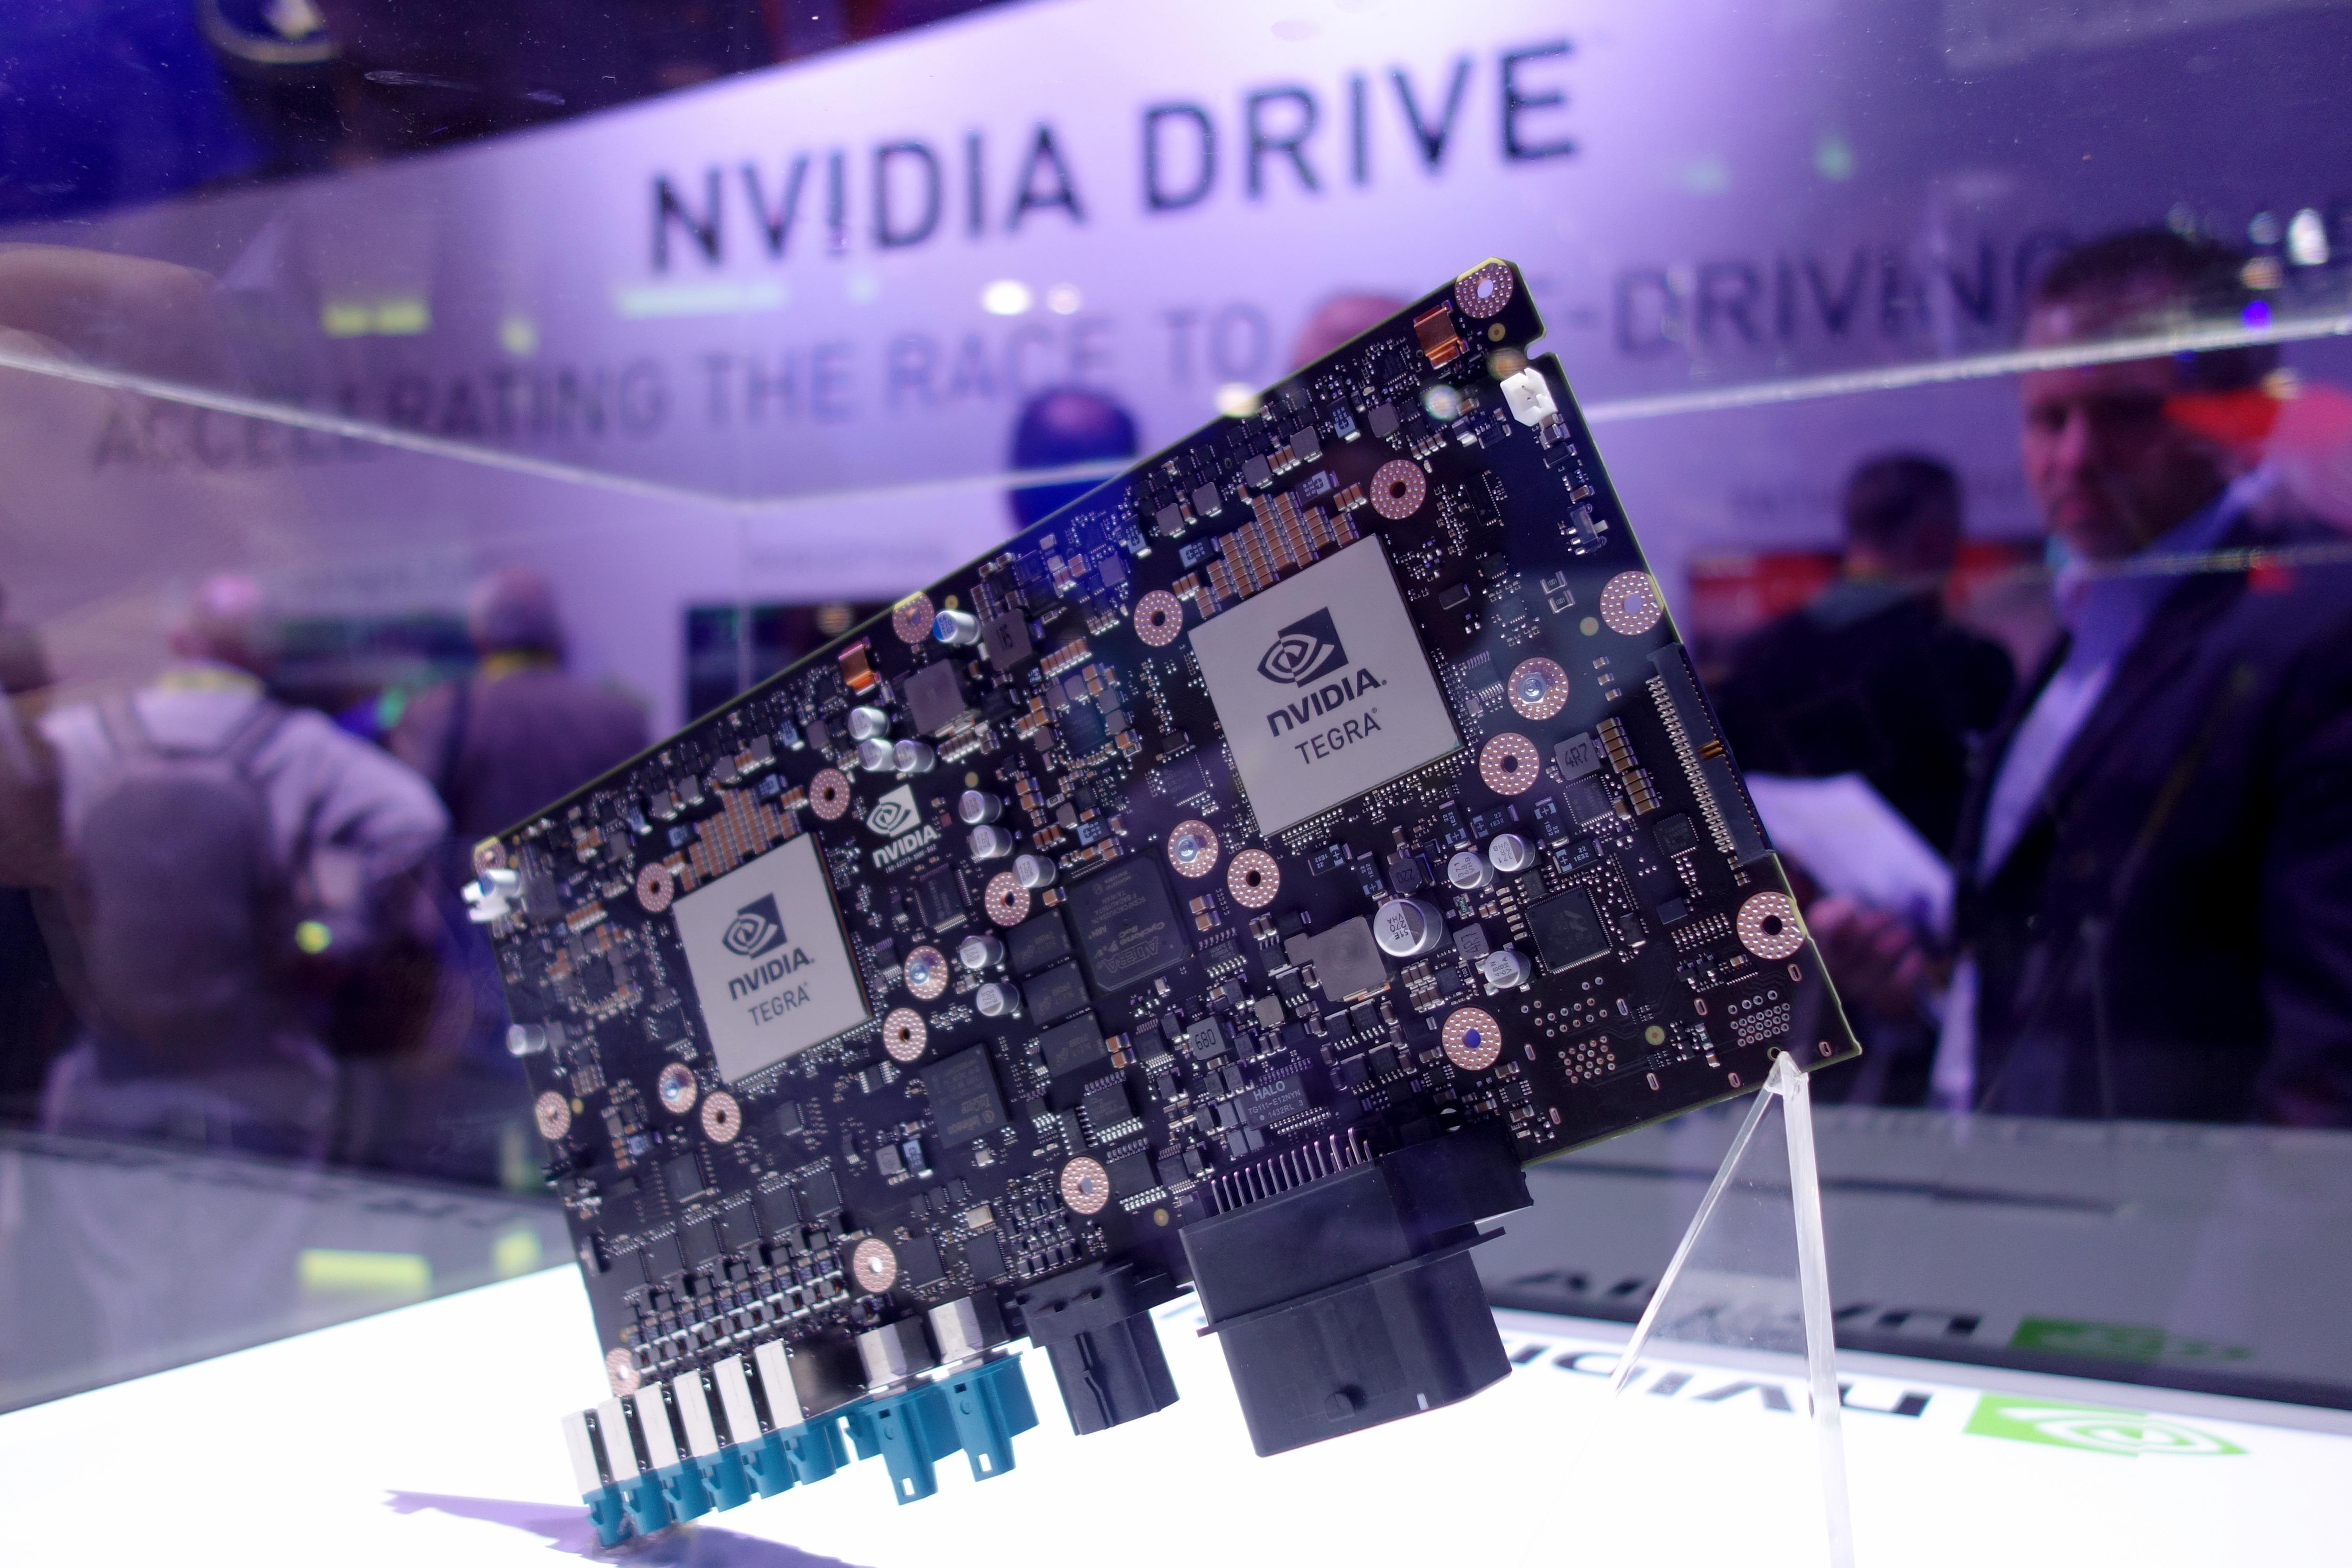 0106-nvidia-drivepx2-100636643-orig